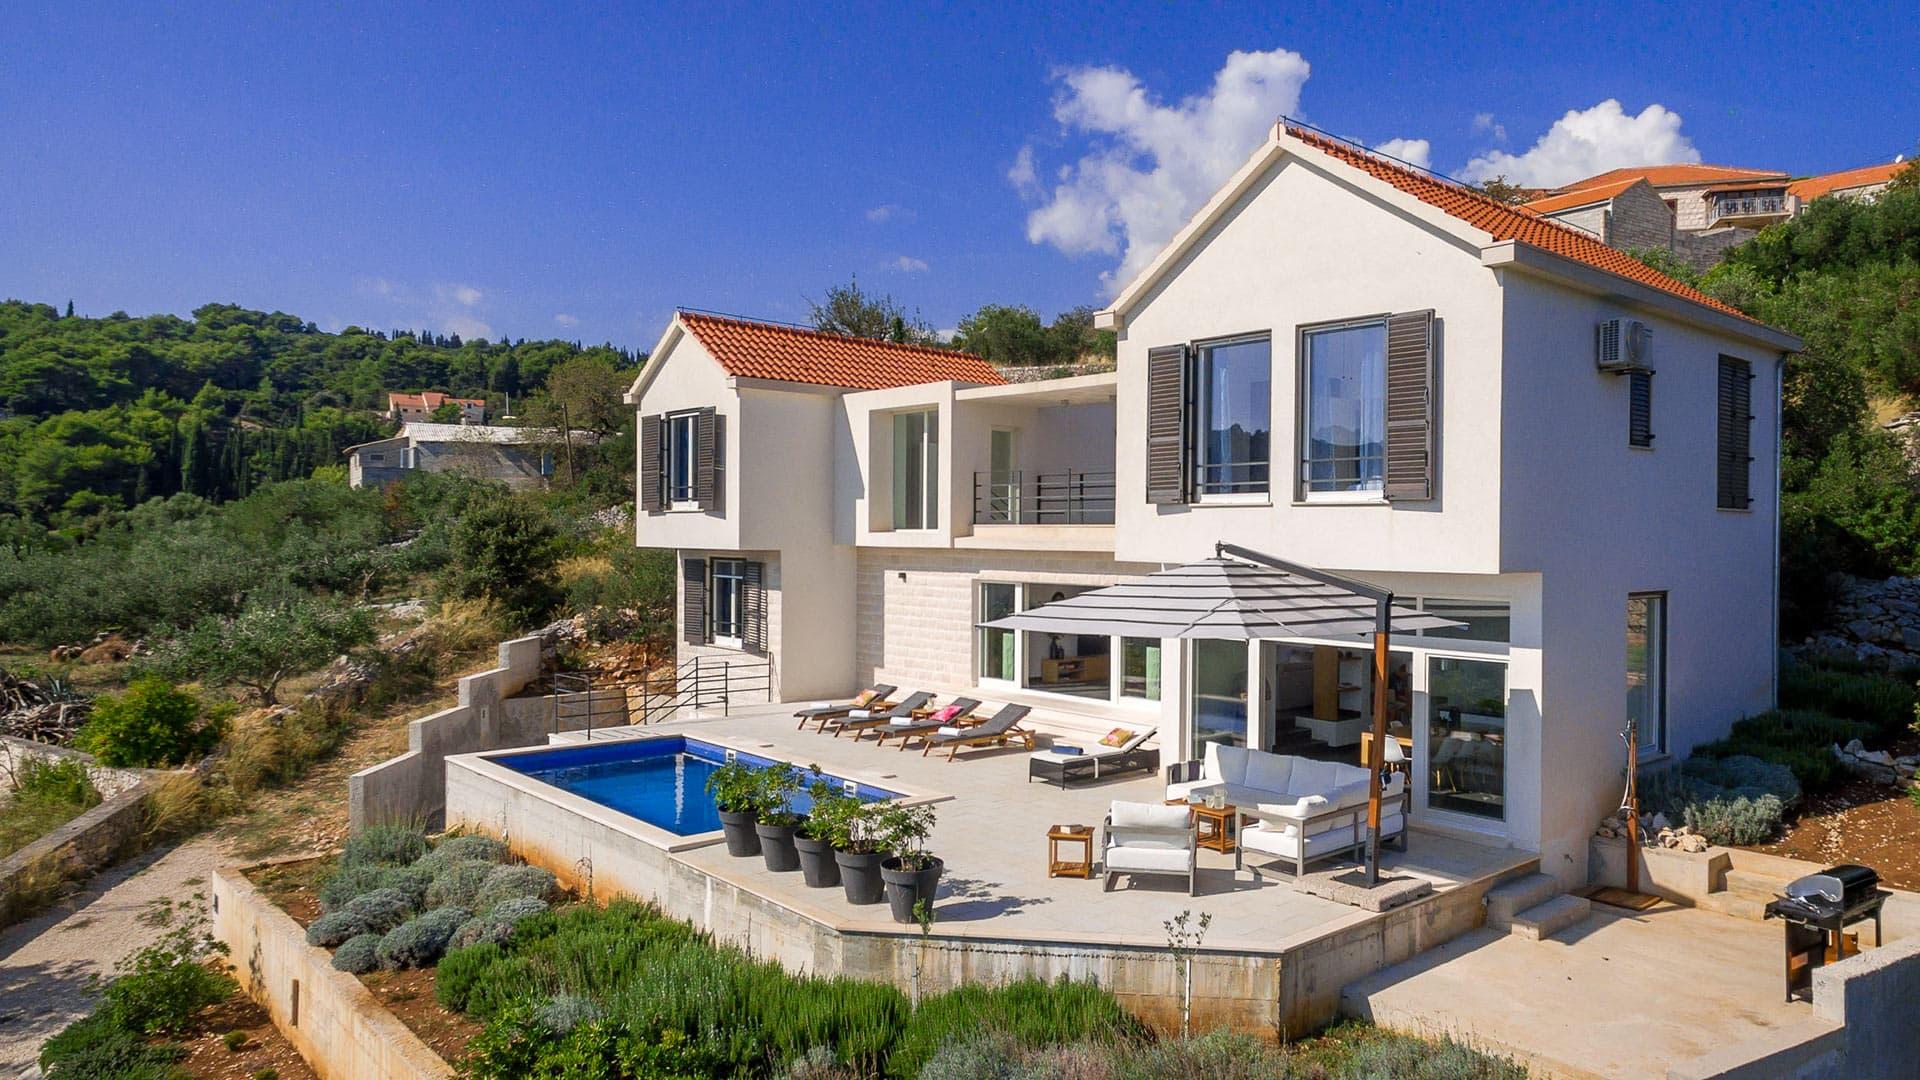 Villa villa Dora, Rental in Dalmatia